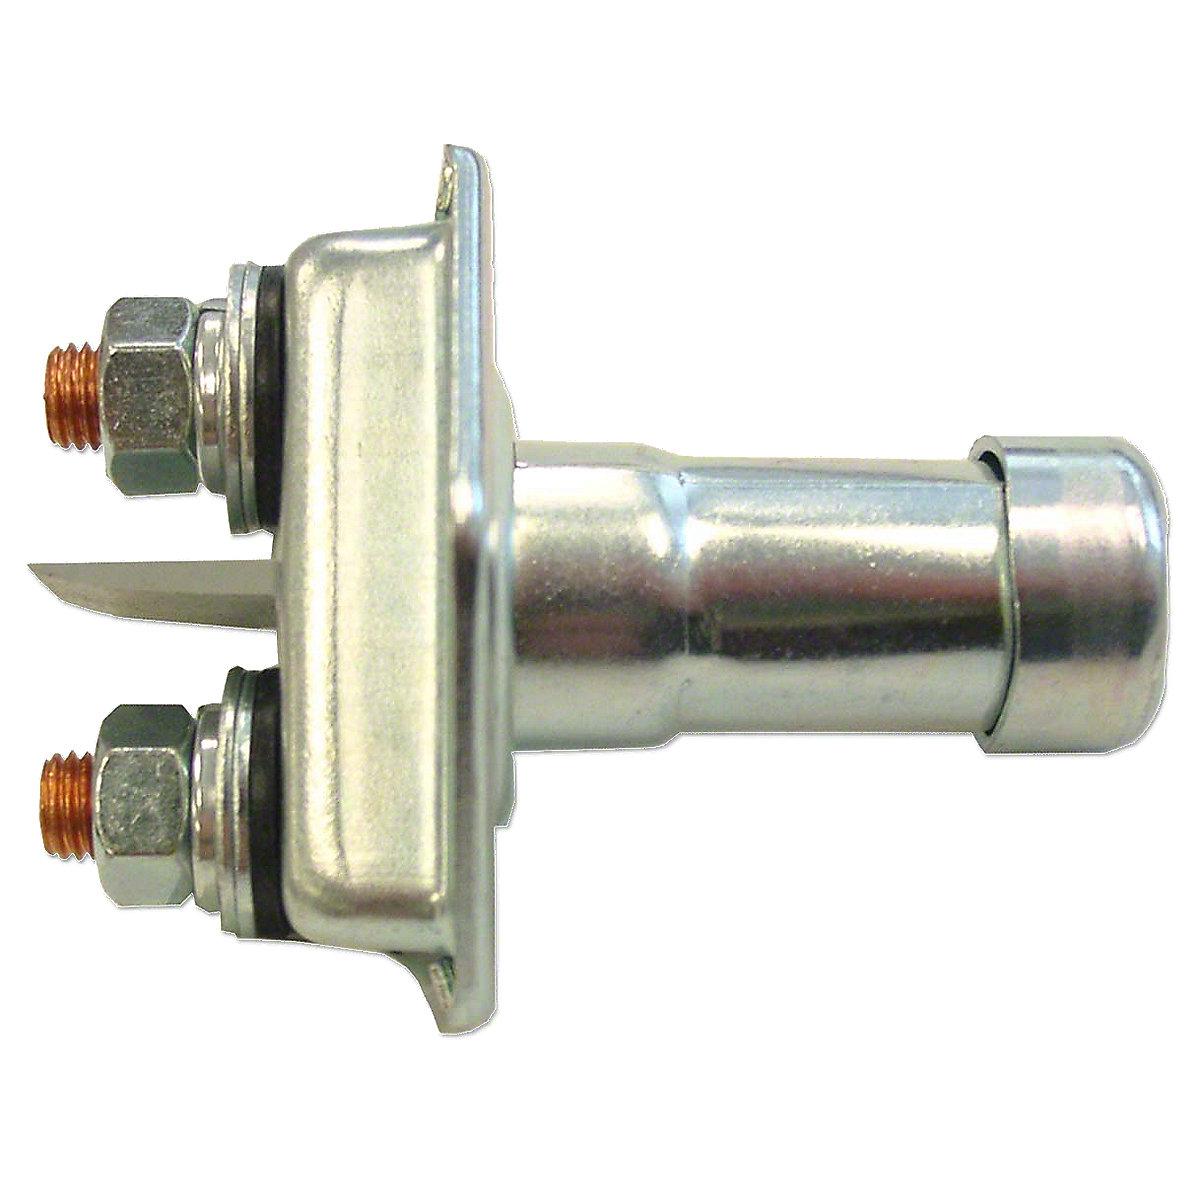 Manual Starter Switch For Massey Harris: Colt 21, Mustang 23, 101 Jr, 101 Sr, 102 Jr, 102 Sr, 20, 20K, 22, 30, 33, 333, 44, 44-6, 444, 44 Special, 55, 81, 82.